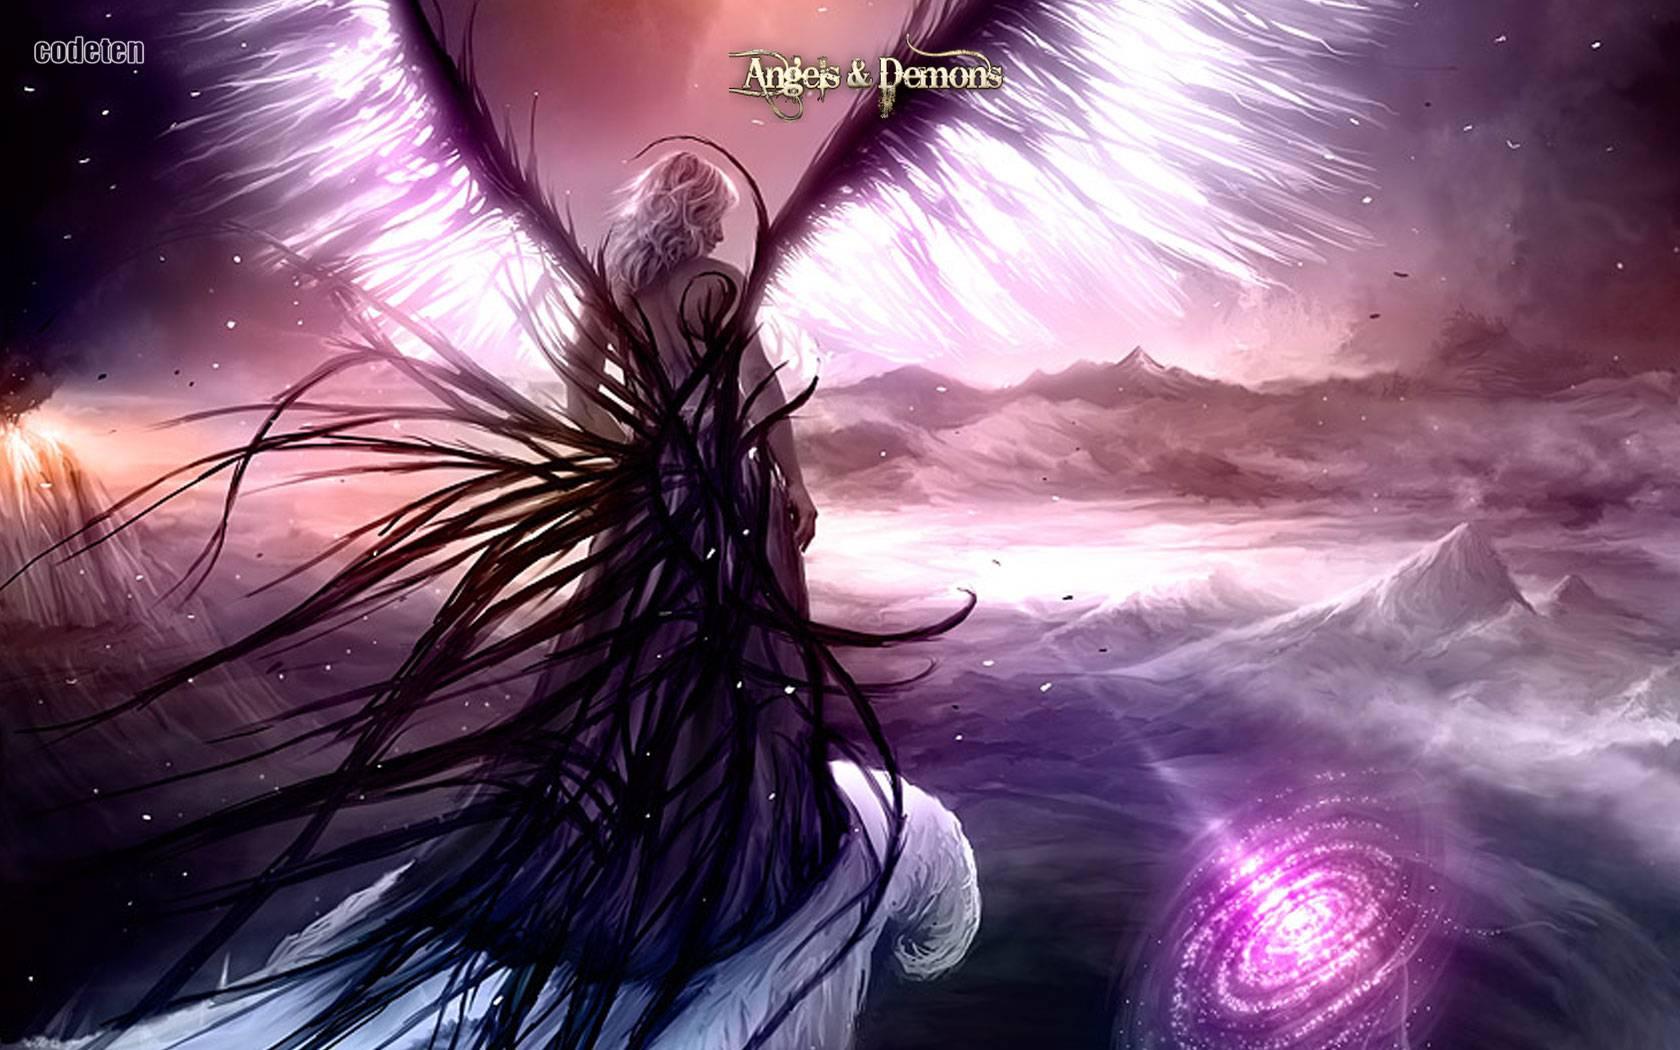 Glowing Angel Wings Wallpaper   Angel Wallpaper 1680x1050